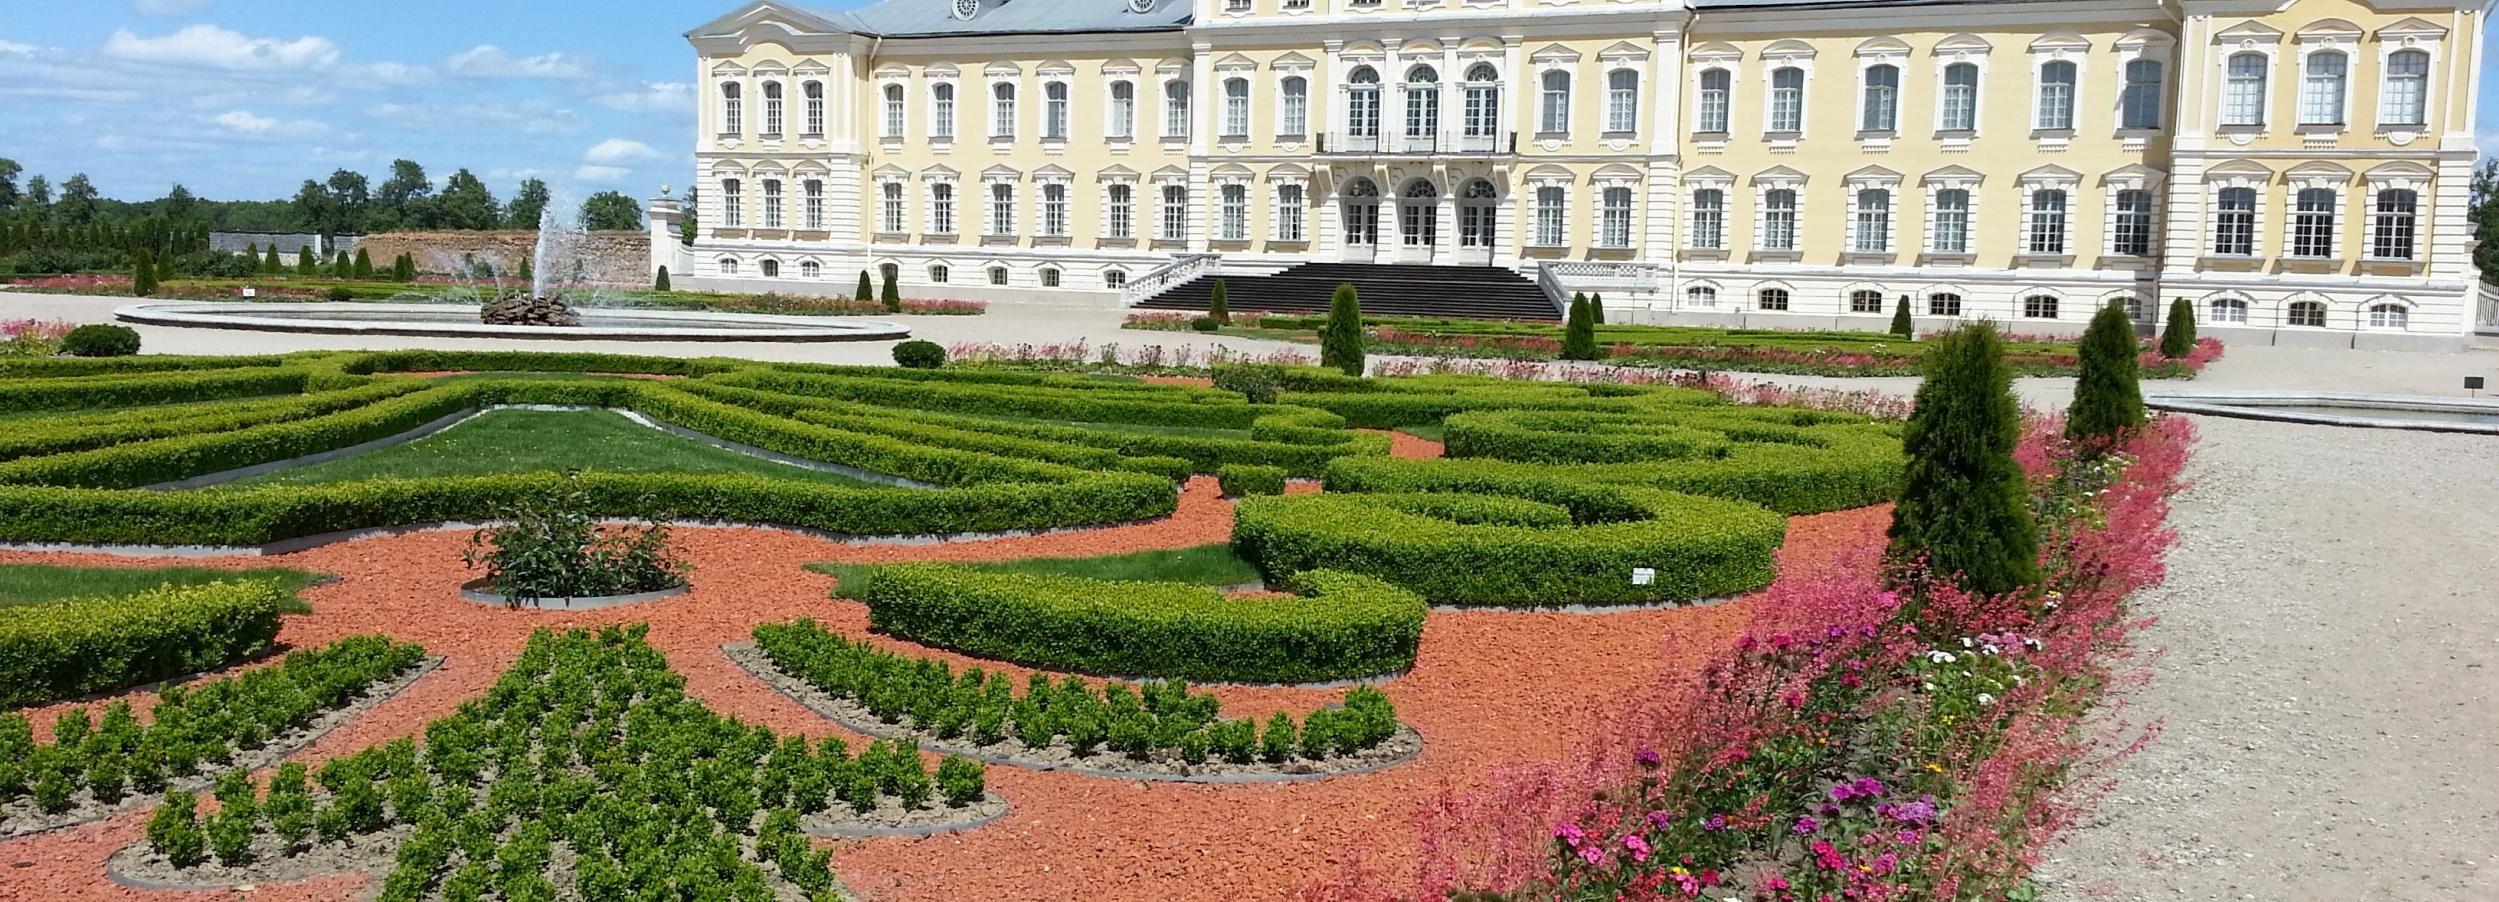 Viagem de Vilnius a Riga: Colina das Cruzes e Palácio de Rundale